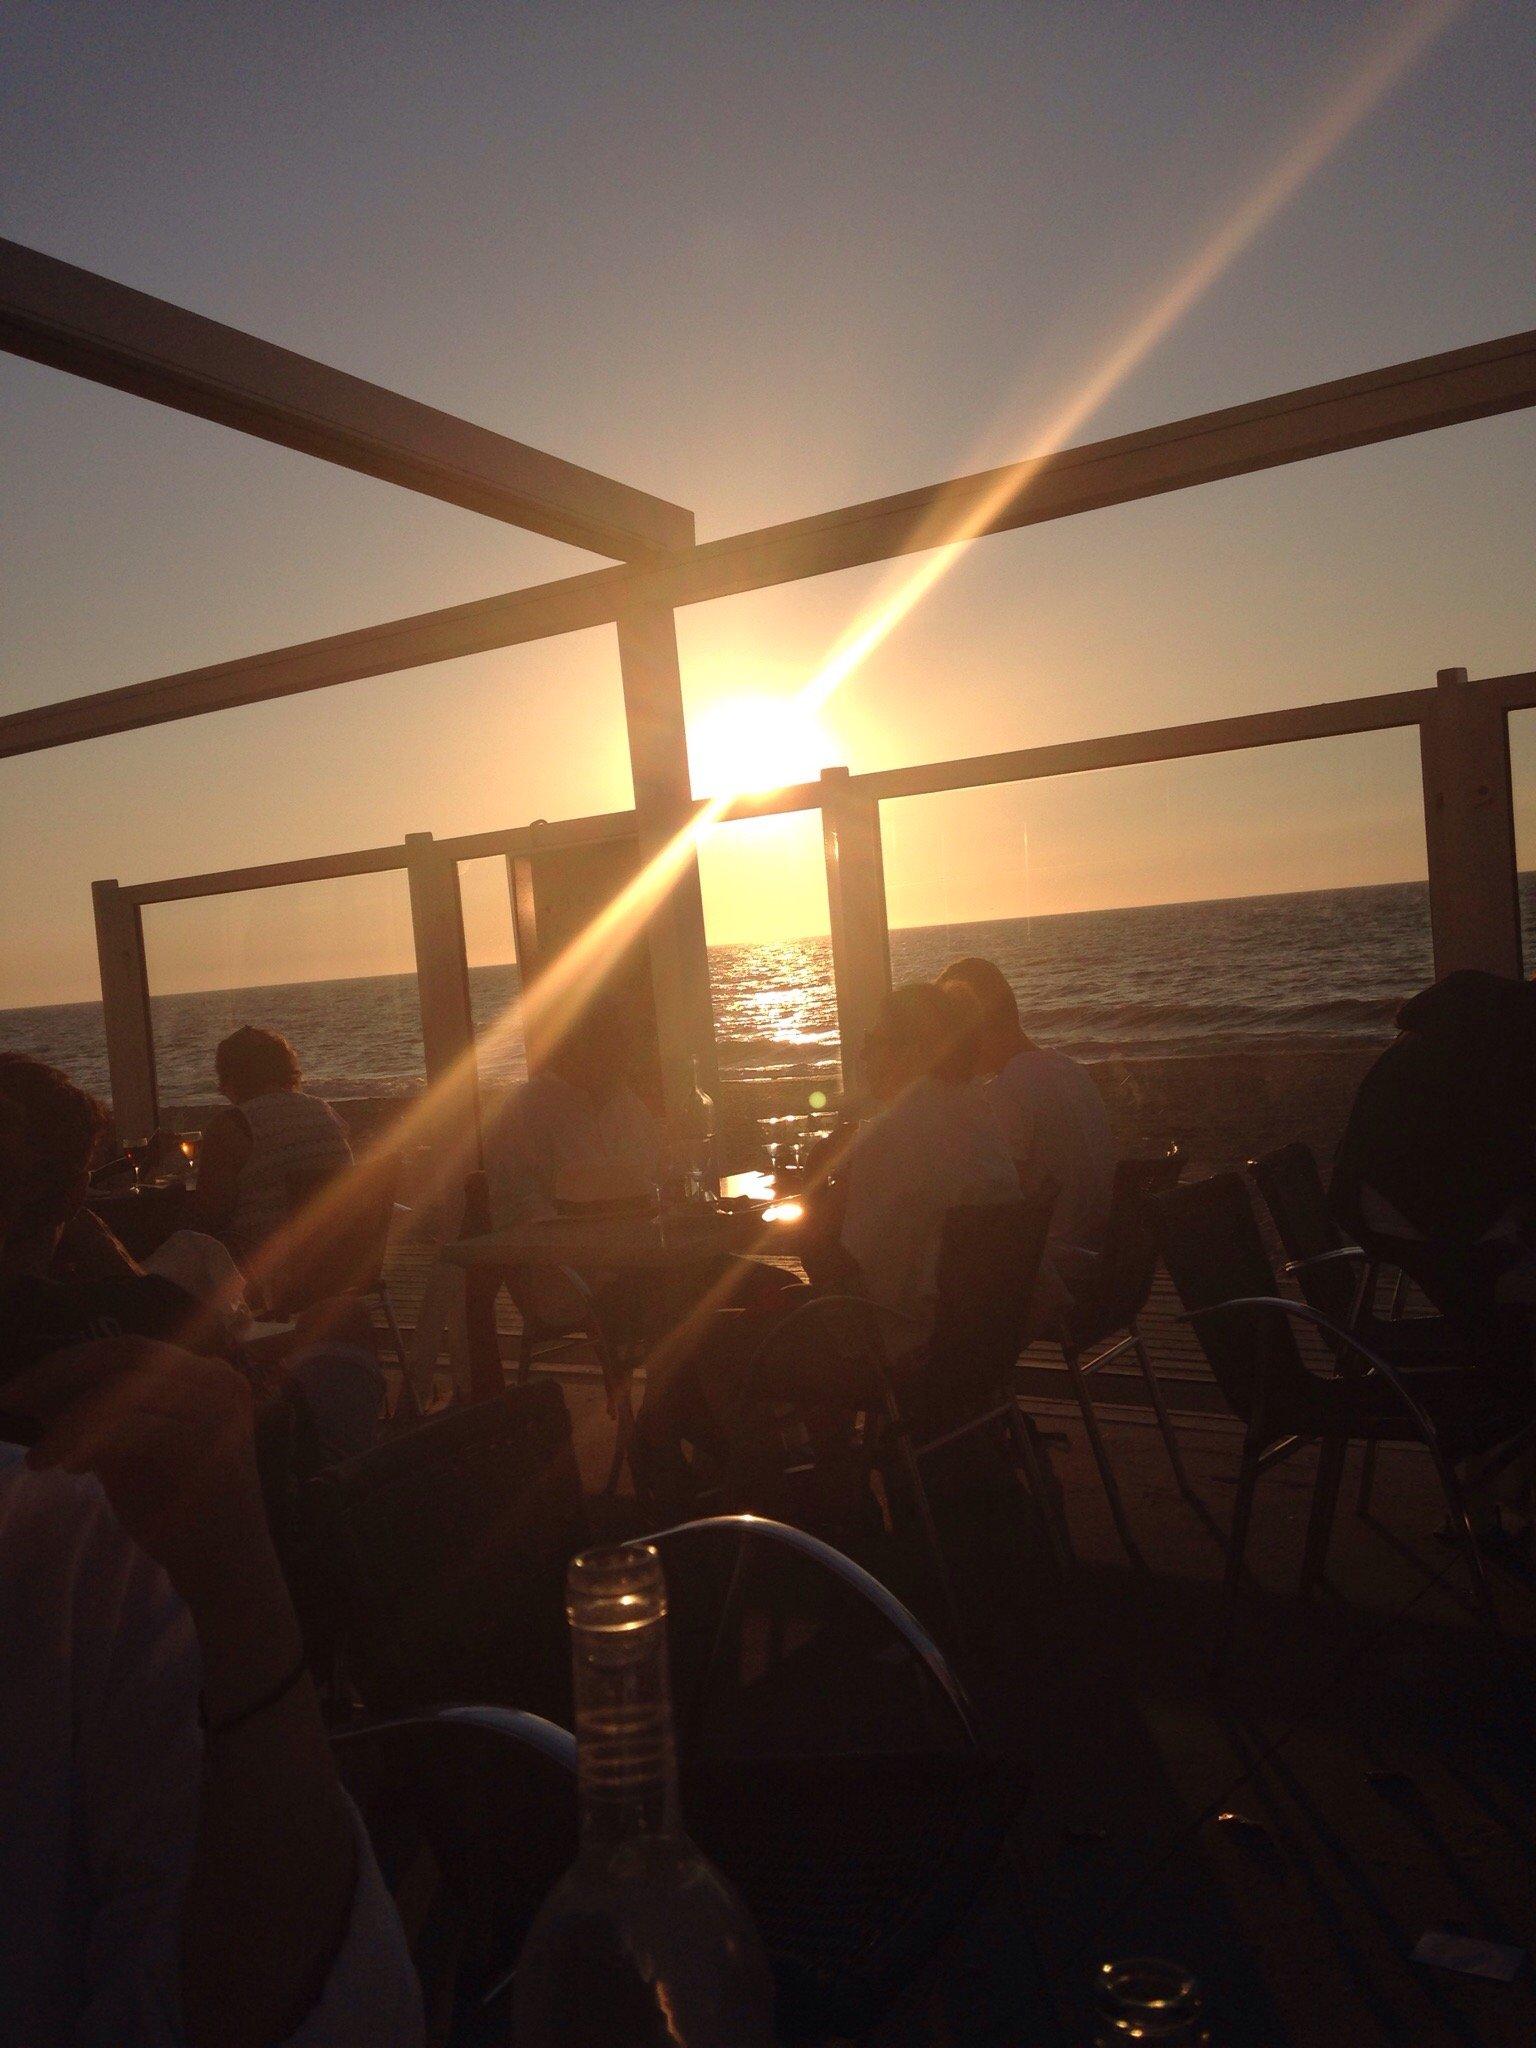 Key West Blonville sur Mer Restaurant Avis Numéro de Téléphone